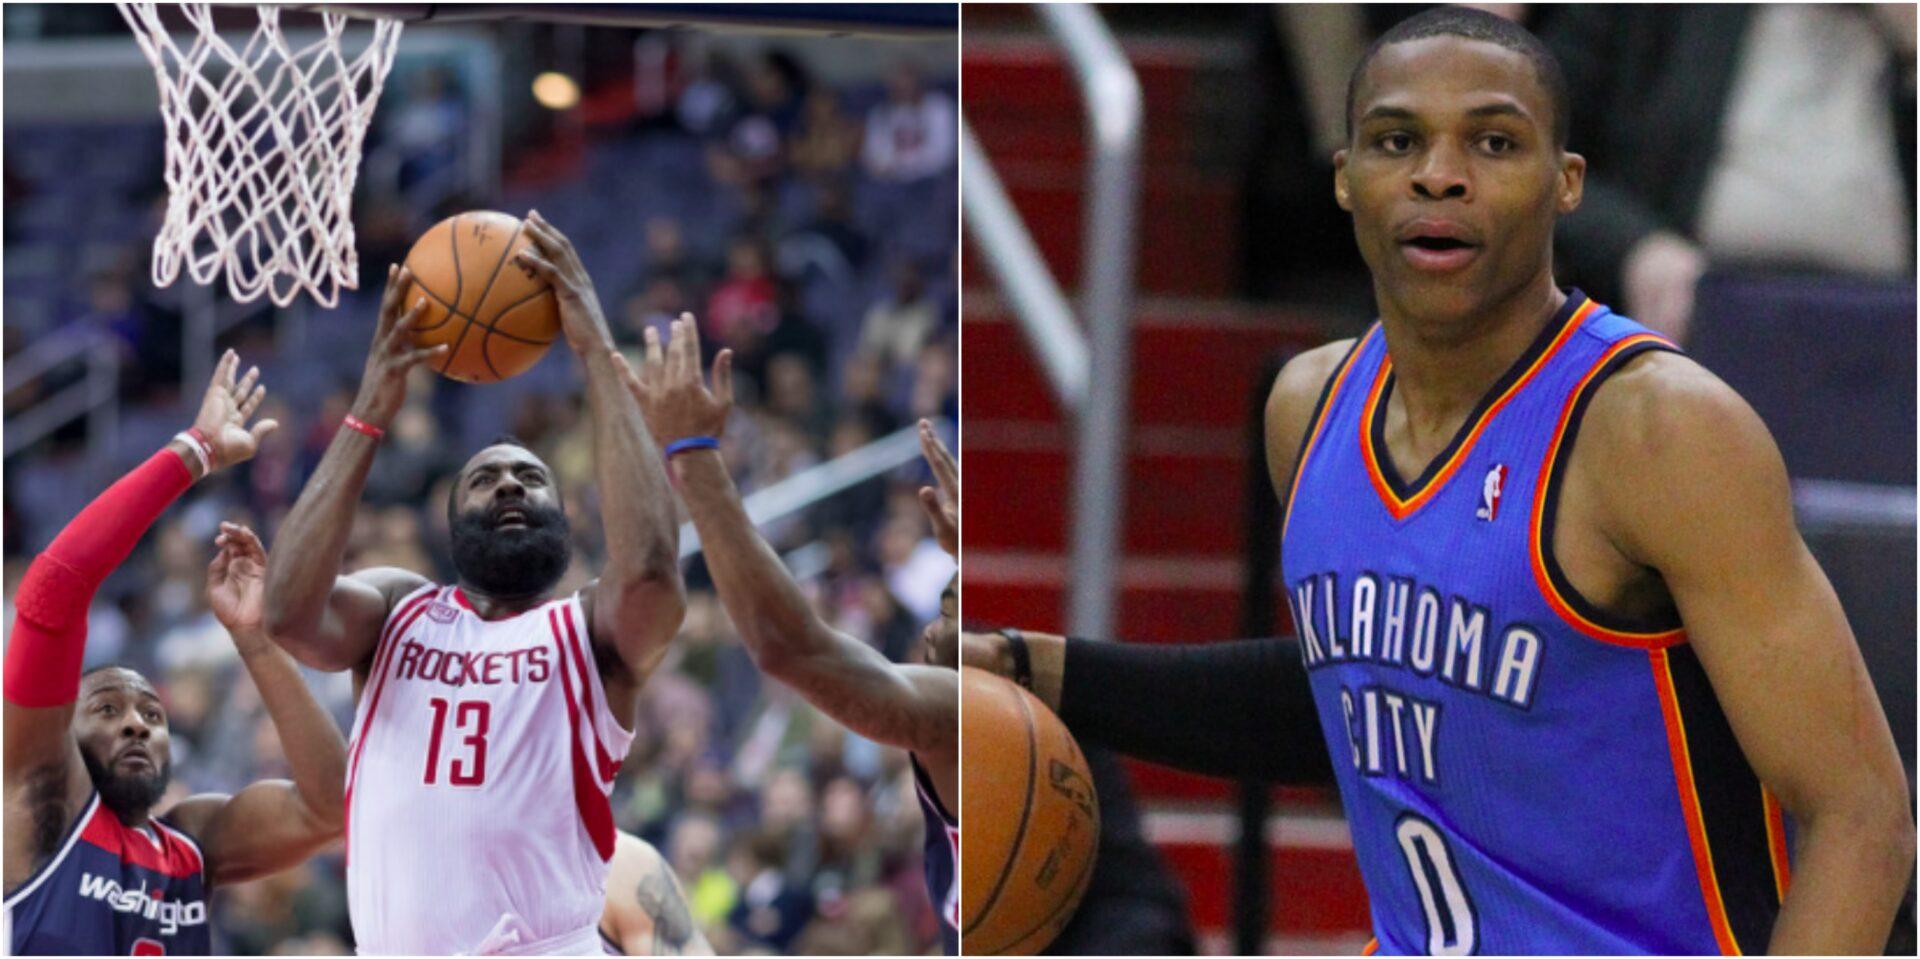 Formstærke Thunder slår Rockets ud af kurs